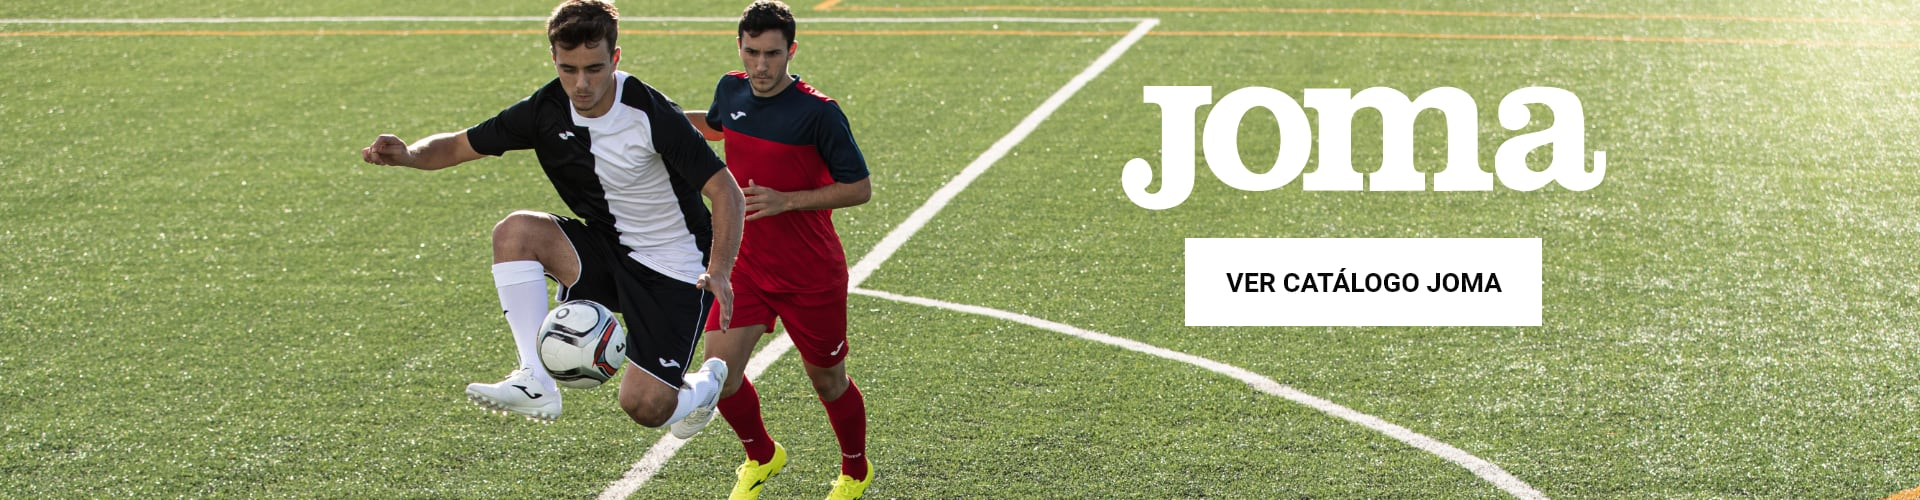 Equipaciones de fútbol Joma